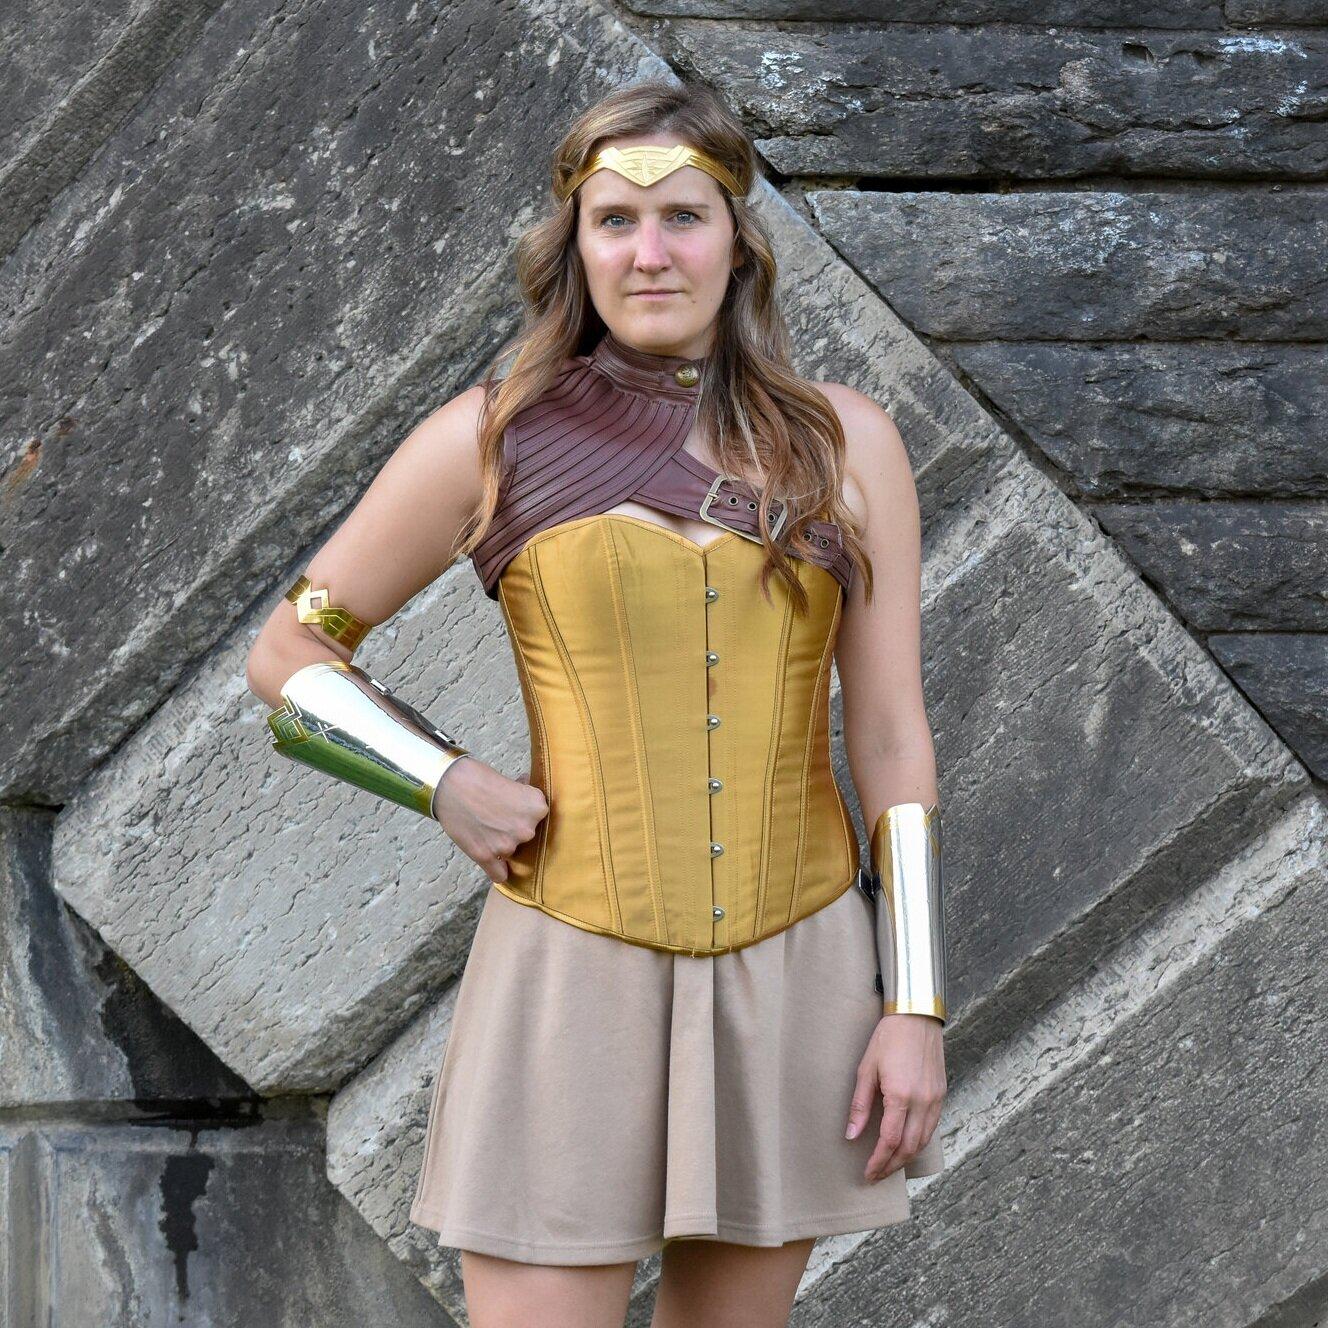 Super_Golden_Goddess_Front_DSC_3329.jpg